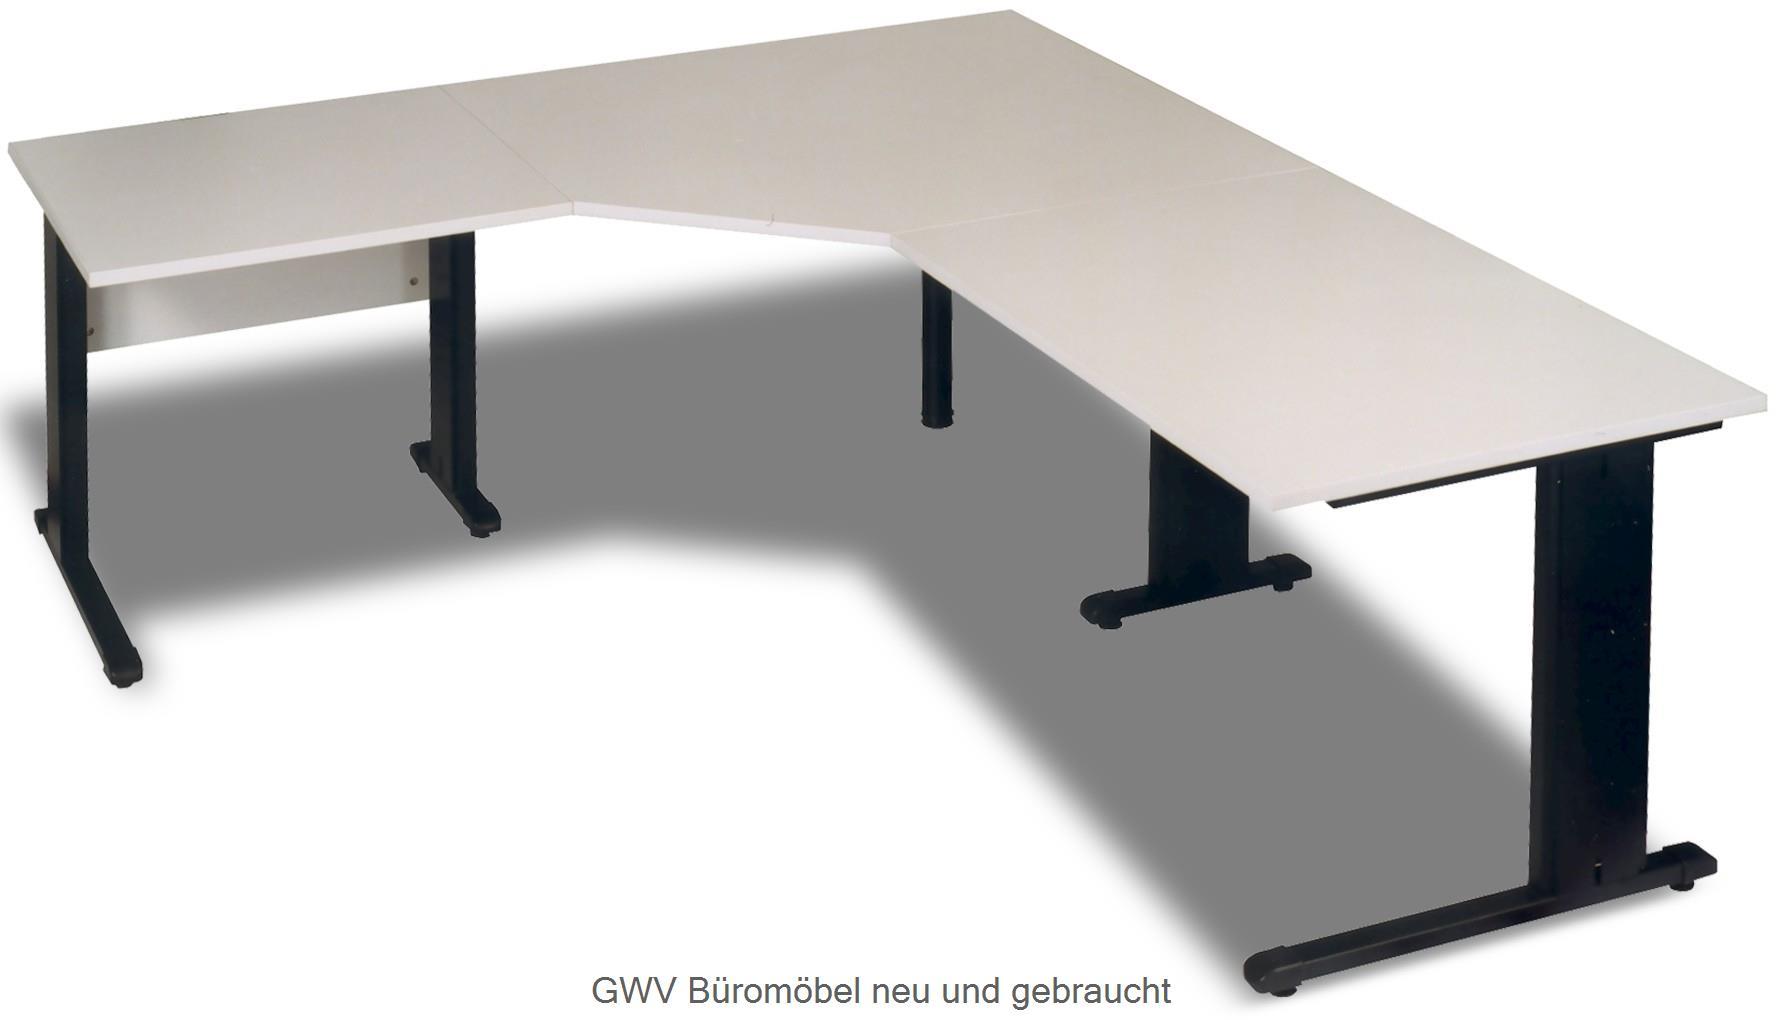 Winkelschreibtisch lichtgrau 200 x 280 cm neuware | GWV Büromöbel ...